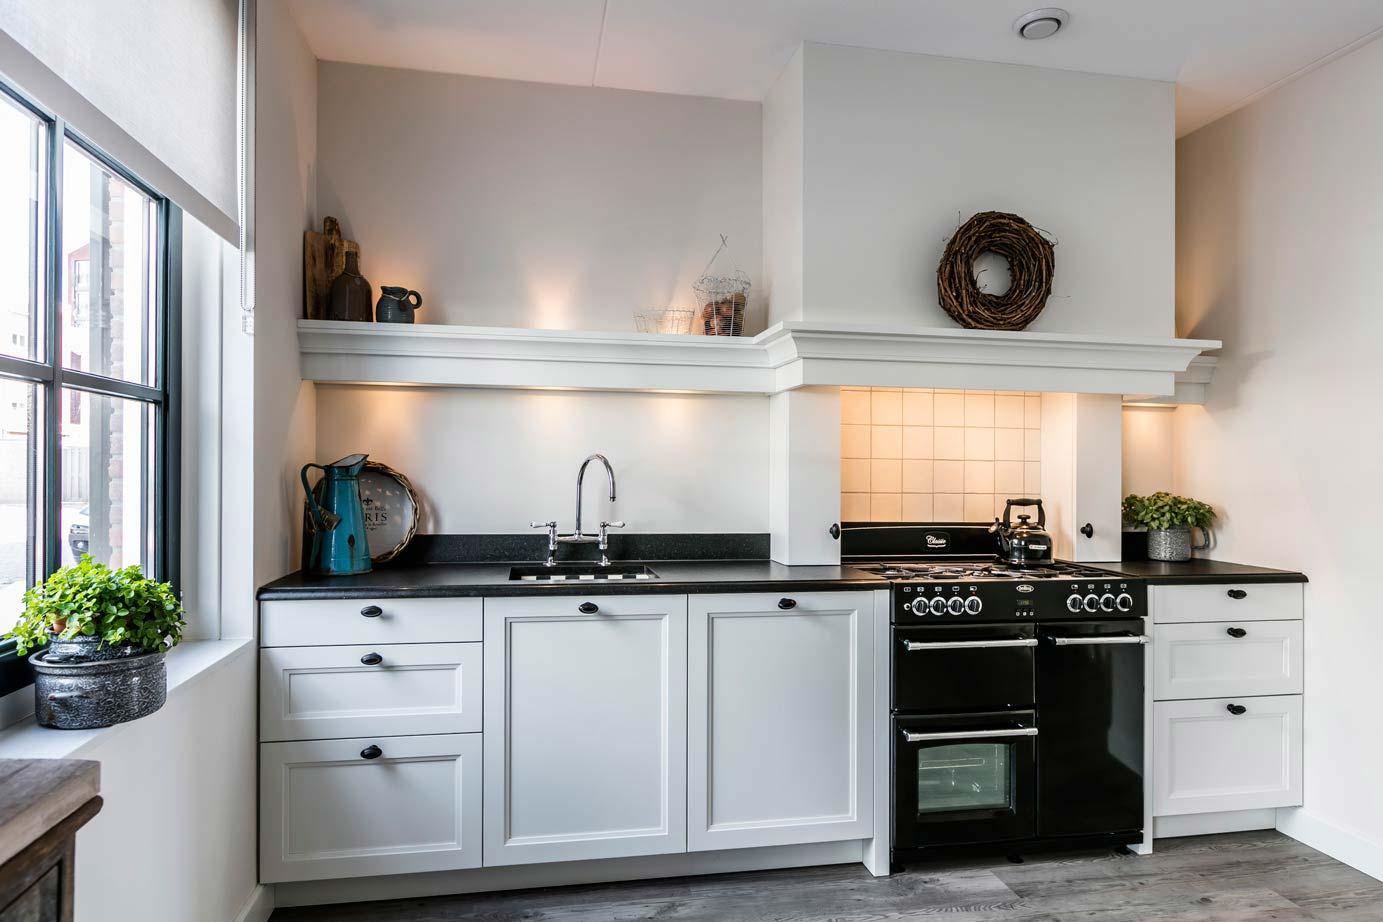 Landelijke Keuken Plafond : Op zoek naar landelijke keukens? Laat u informeren en